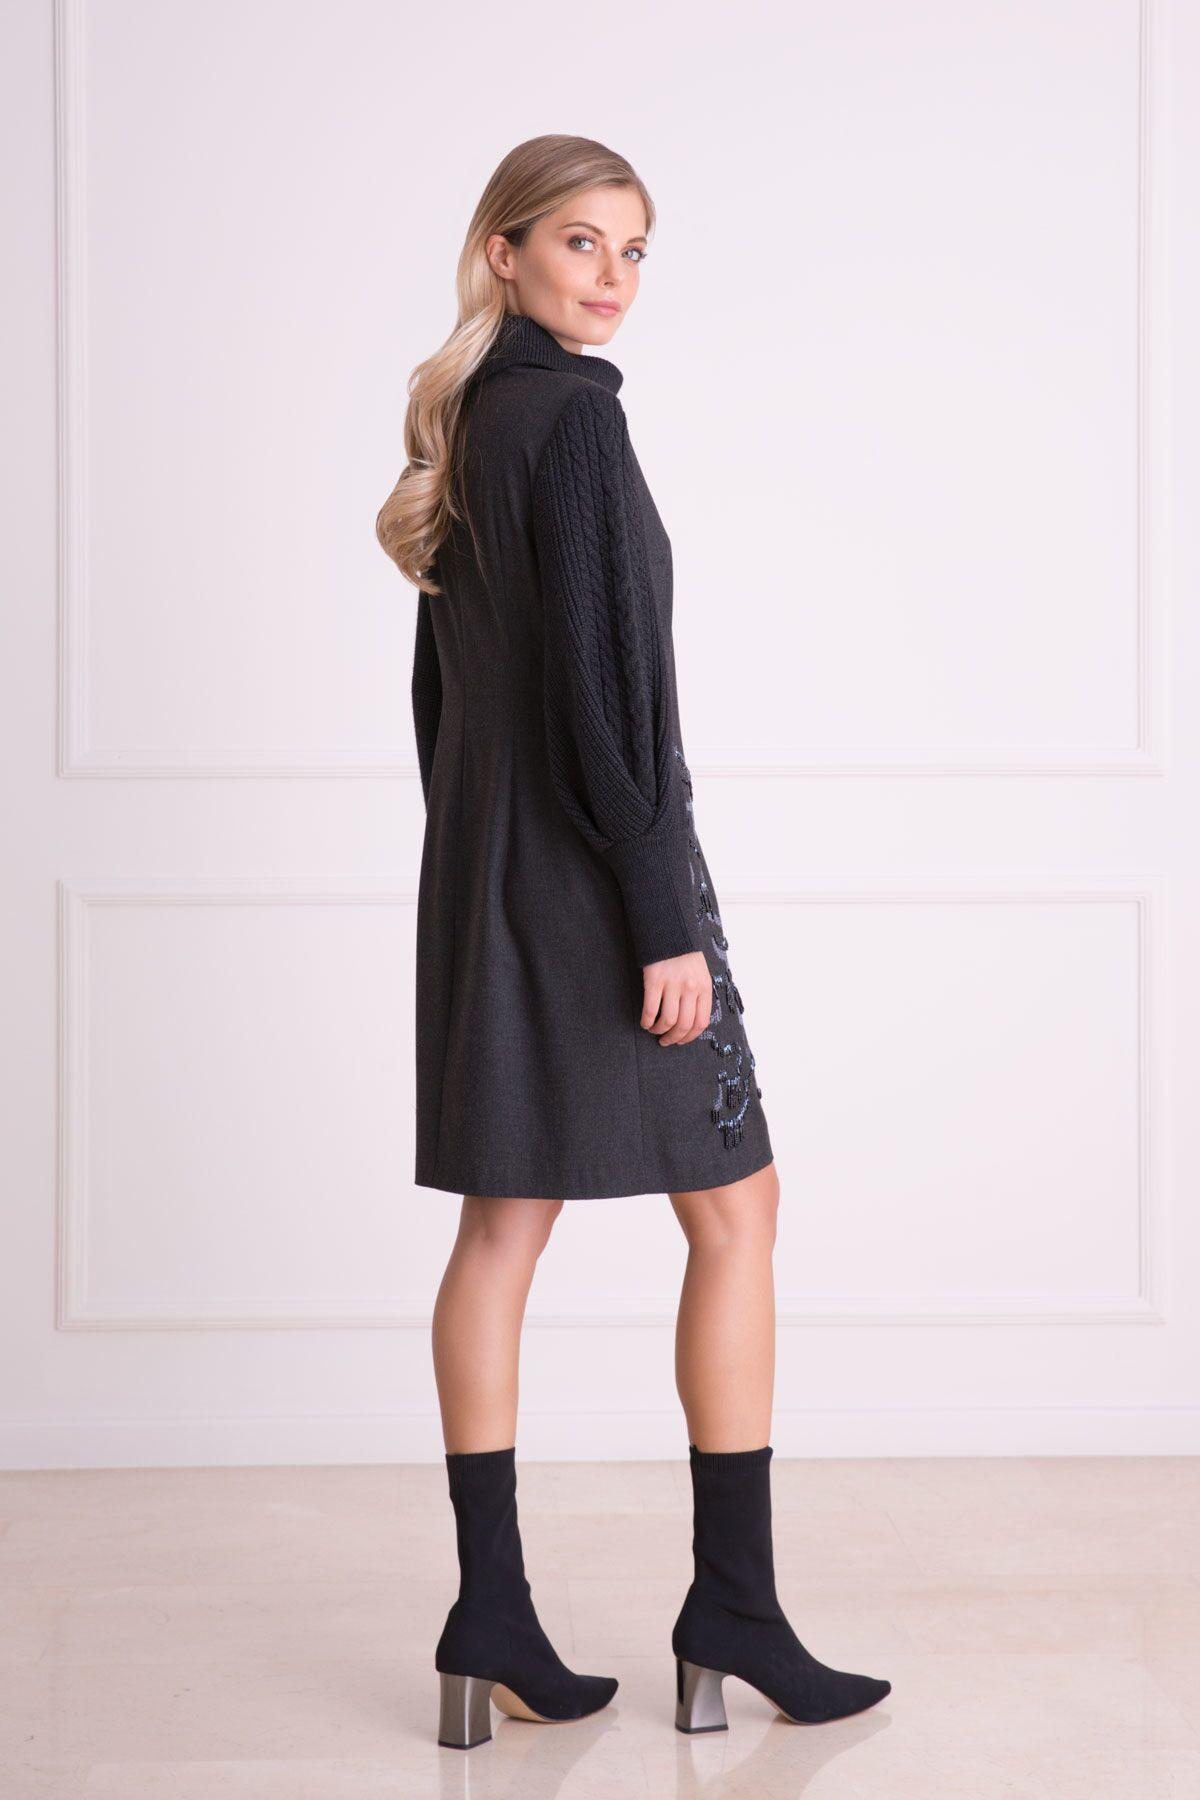 Etek İşlemeli Triko Detaylı Antrasit Gri Elbise